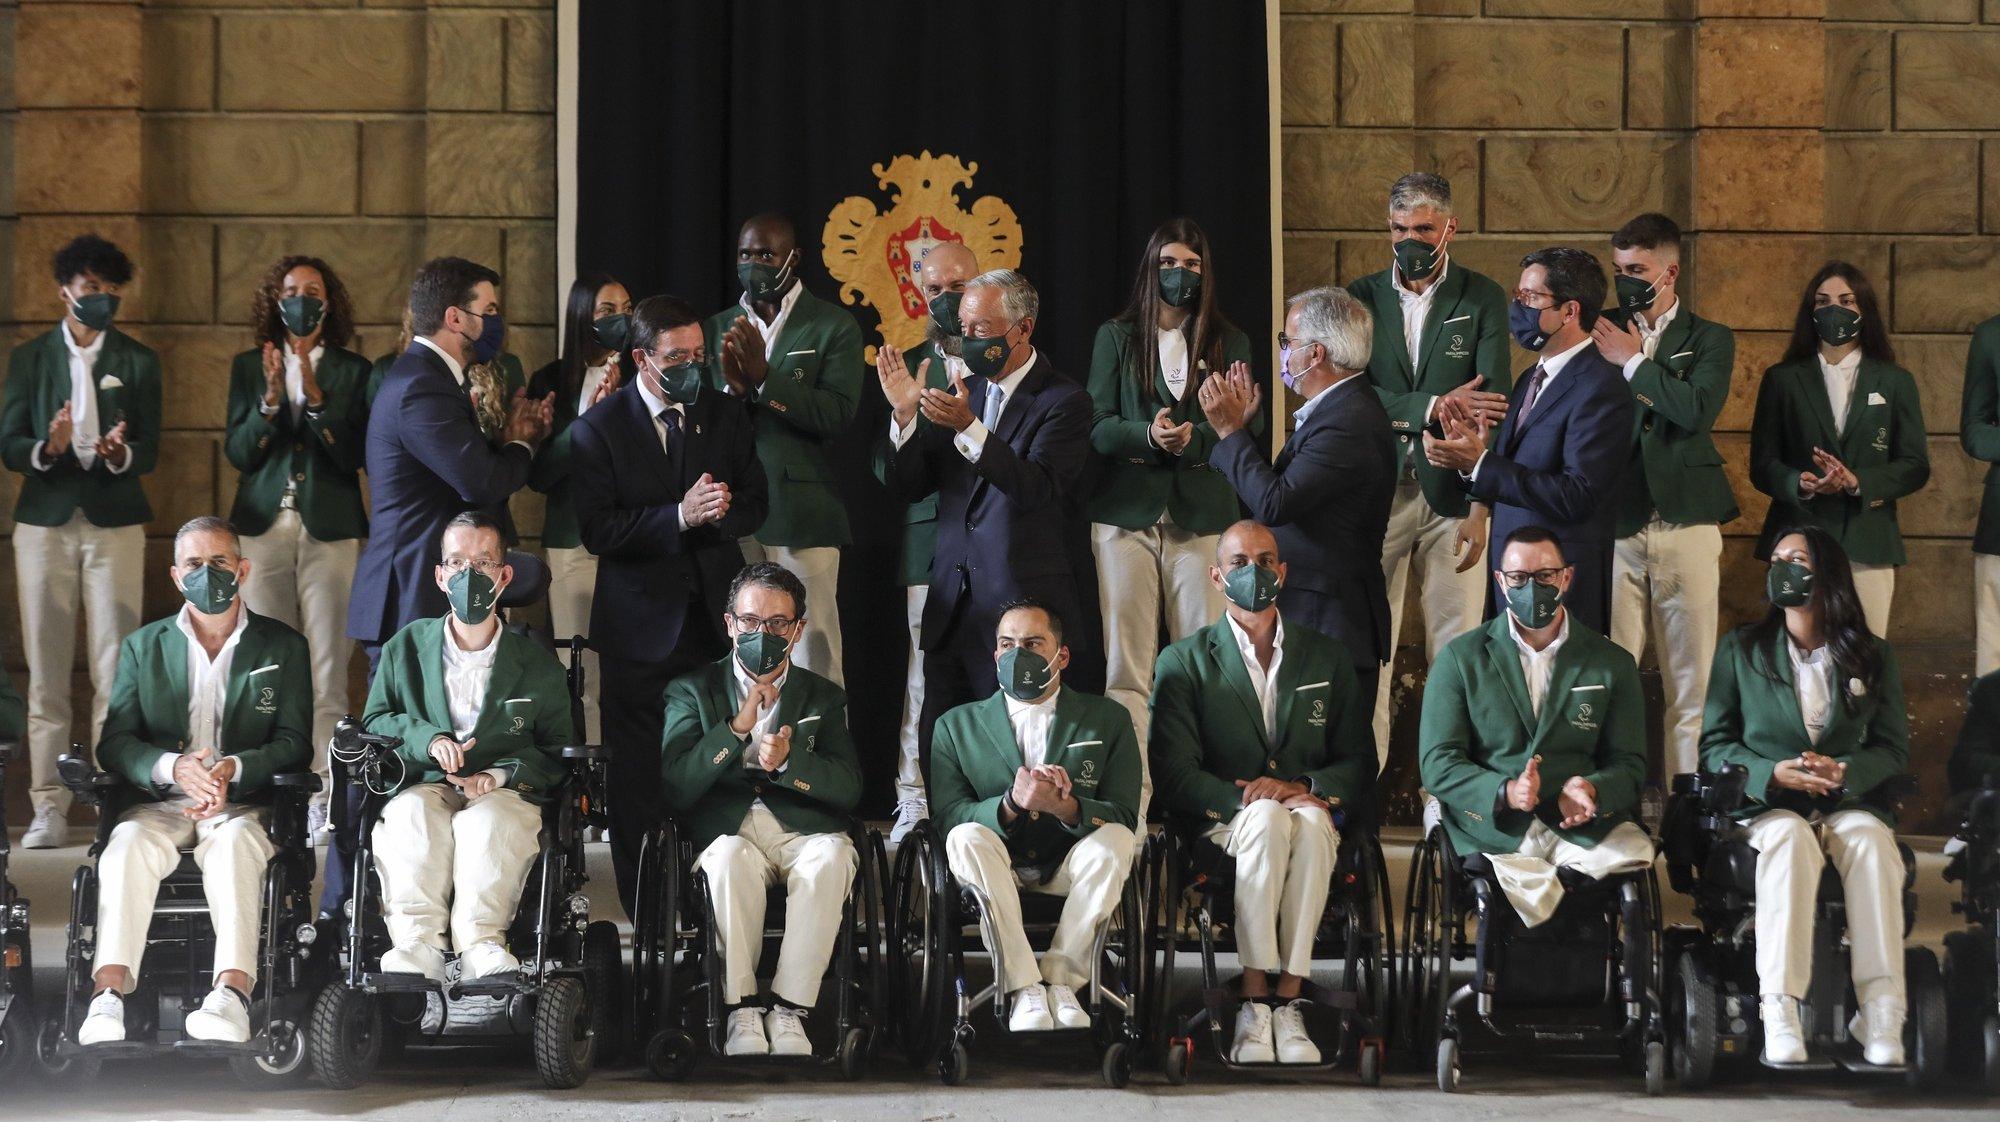 O Presidente da República, Marcelo Rebelo de Sousa (C), acompanhado pelos atletas paralímpicos durante a cerimónia de despedida da Missão Paralímpica de Portugal aos Jogos Olímpicos Tóquio 2020, no Picadeiro Real, Antigo Museu Nacional dos Coches, em Lisboa, 12 de agosto de 2021. MIGUEL A. LOPES/LUSA